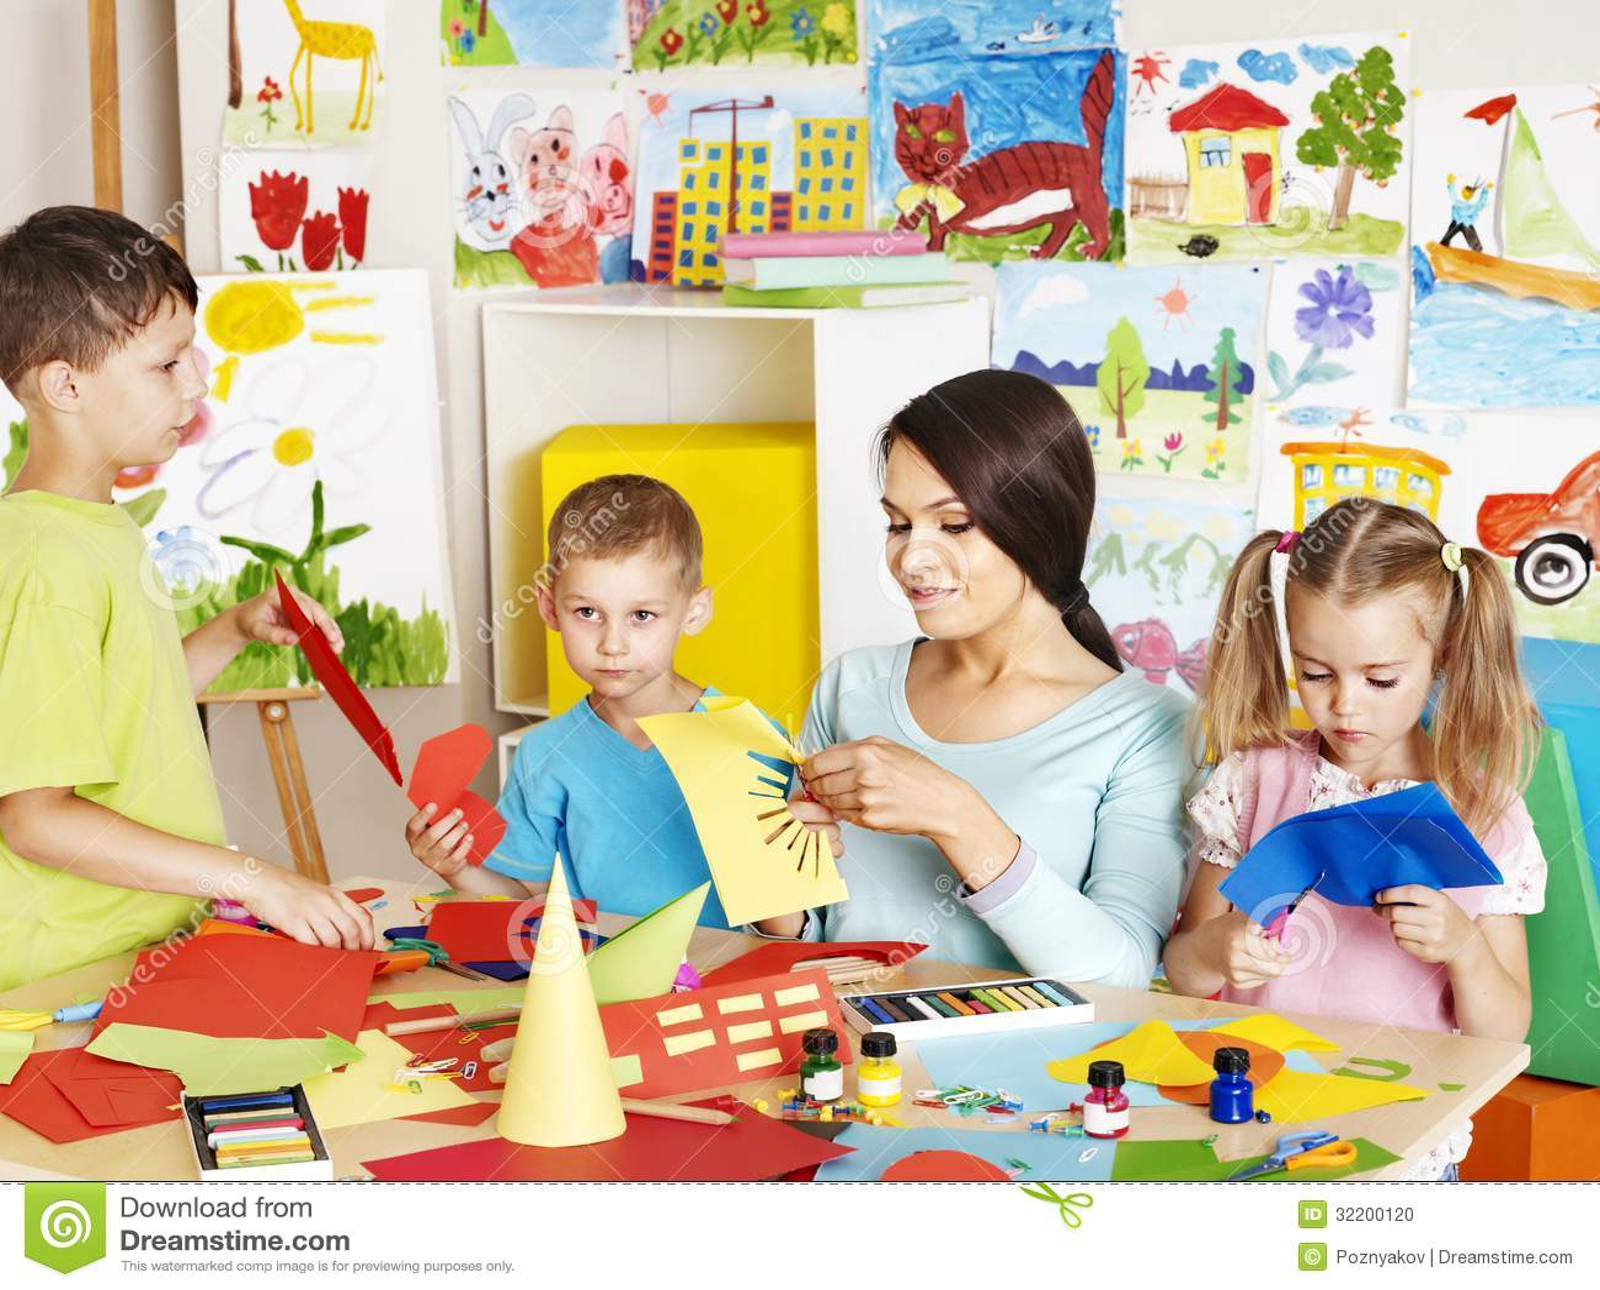 Crianças Com O Professor Na Sala De Aula. Foto de Stock - Imagem de ... 98325f9f6aaab